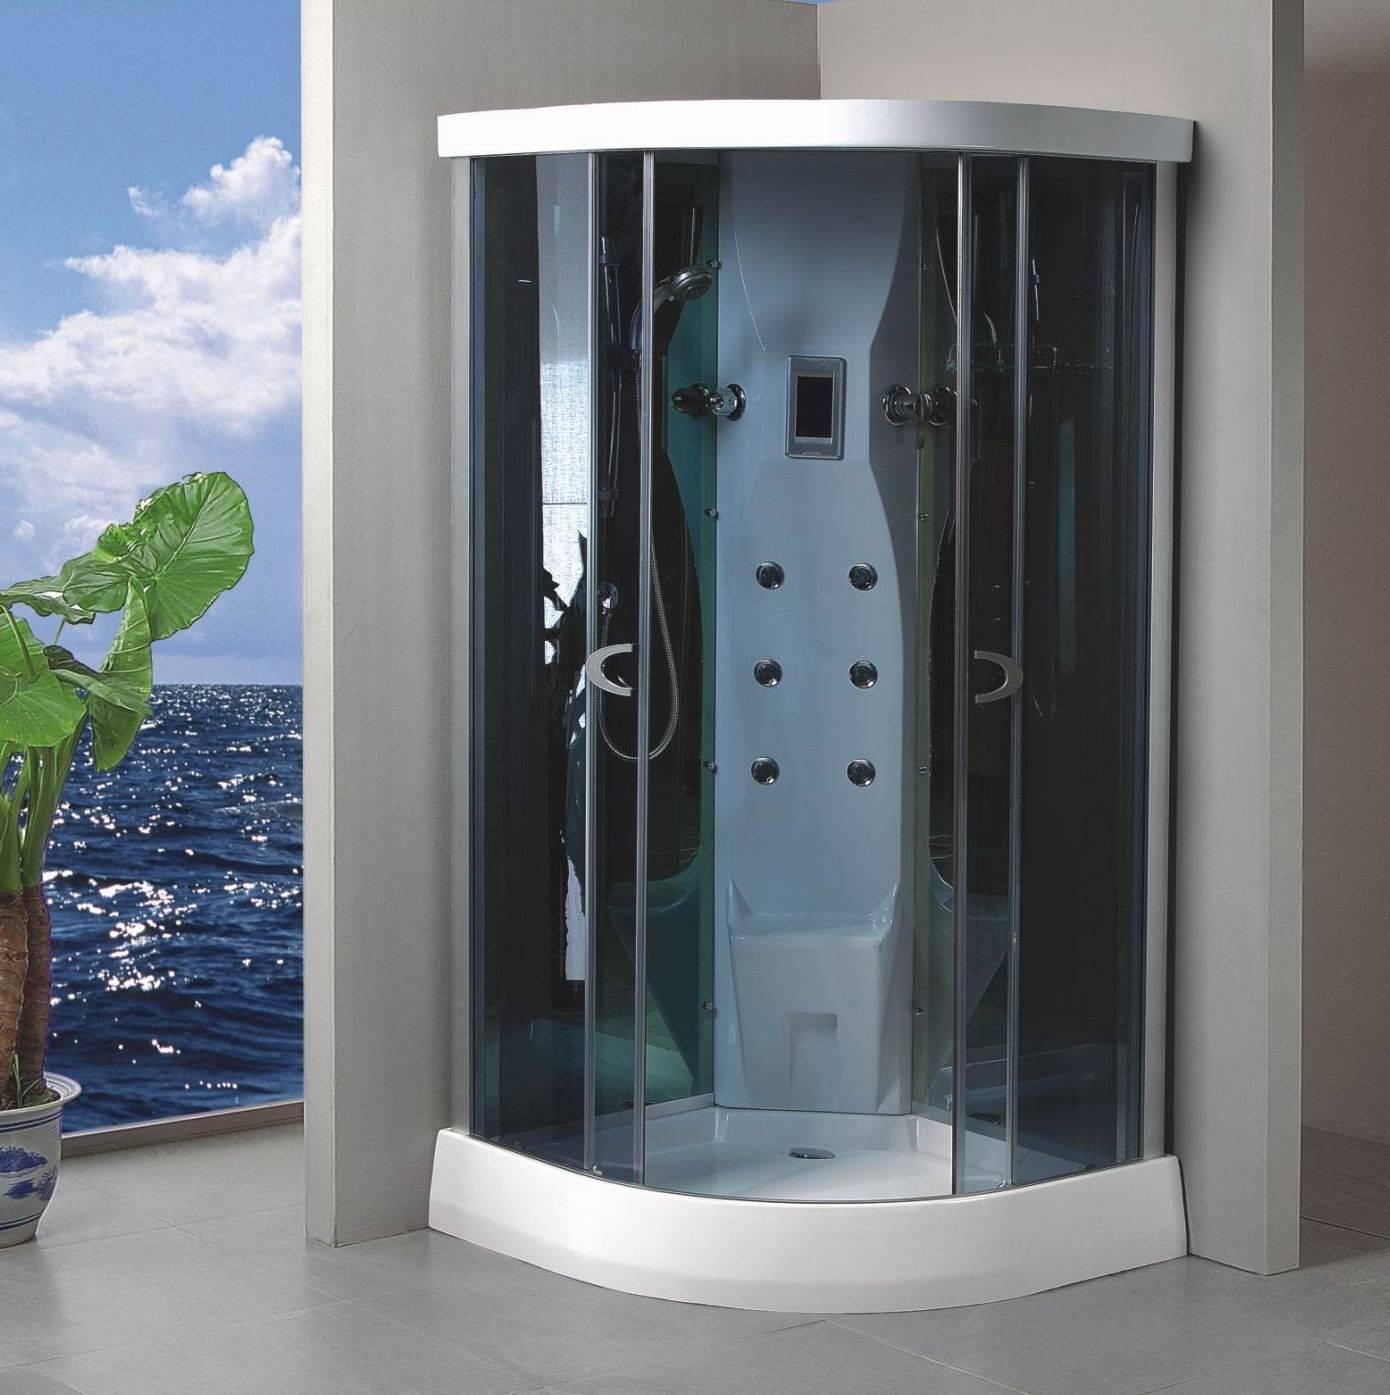 Shower Room S-8602